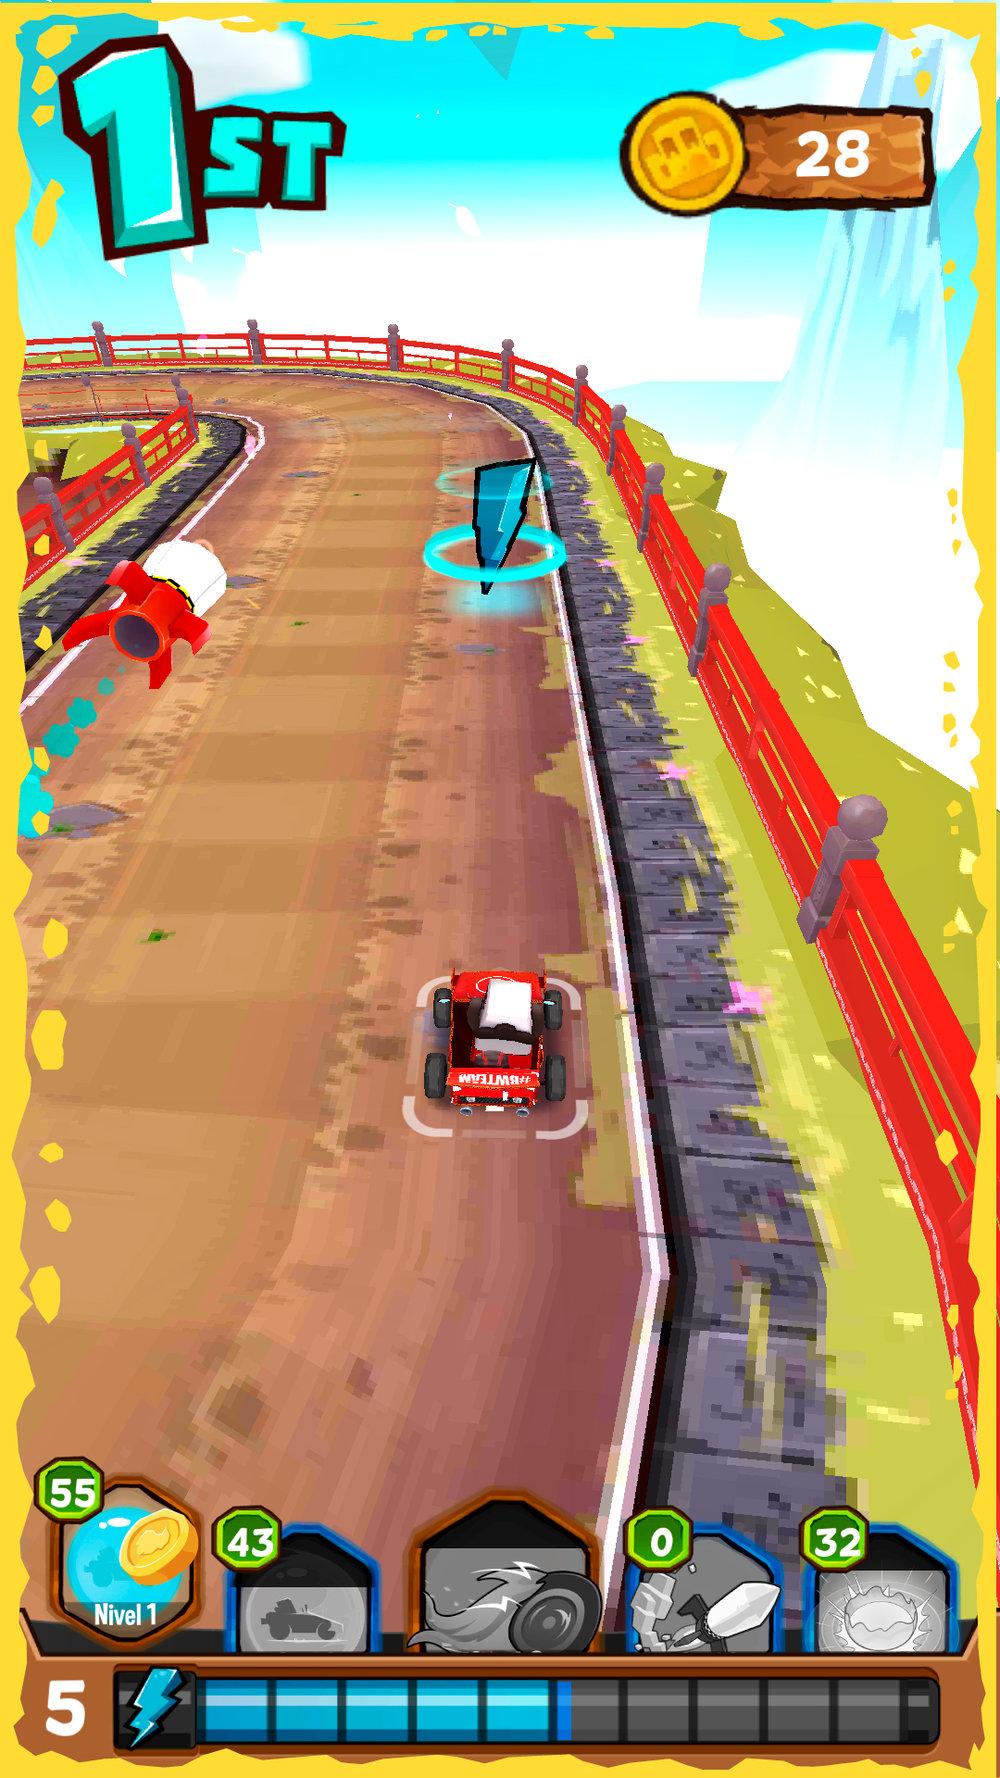 Racer_squad_3.jpg